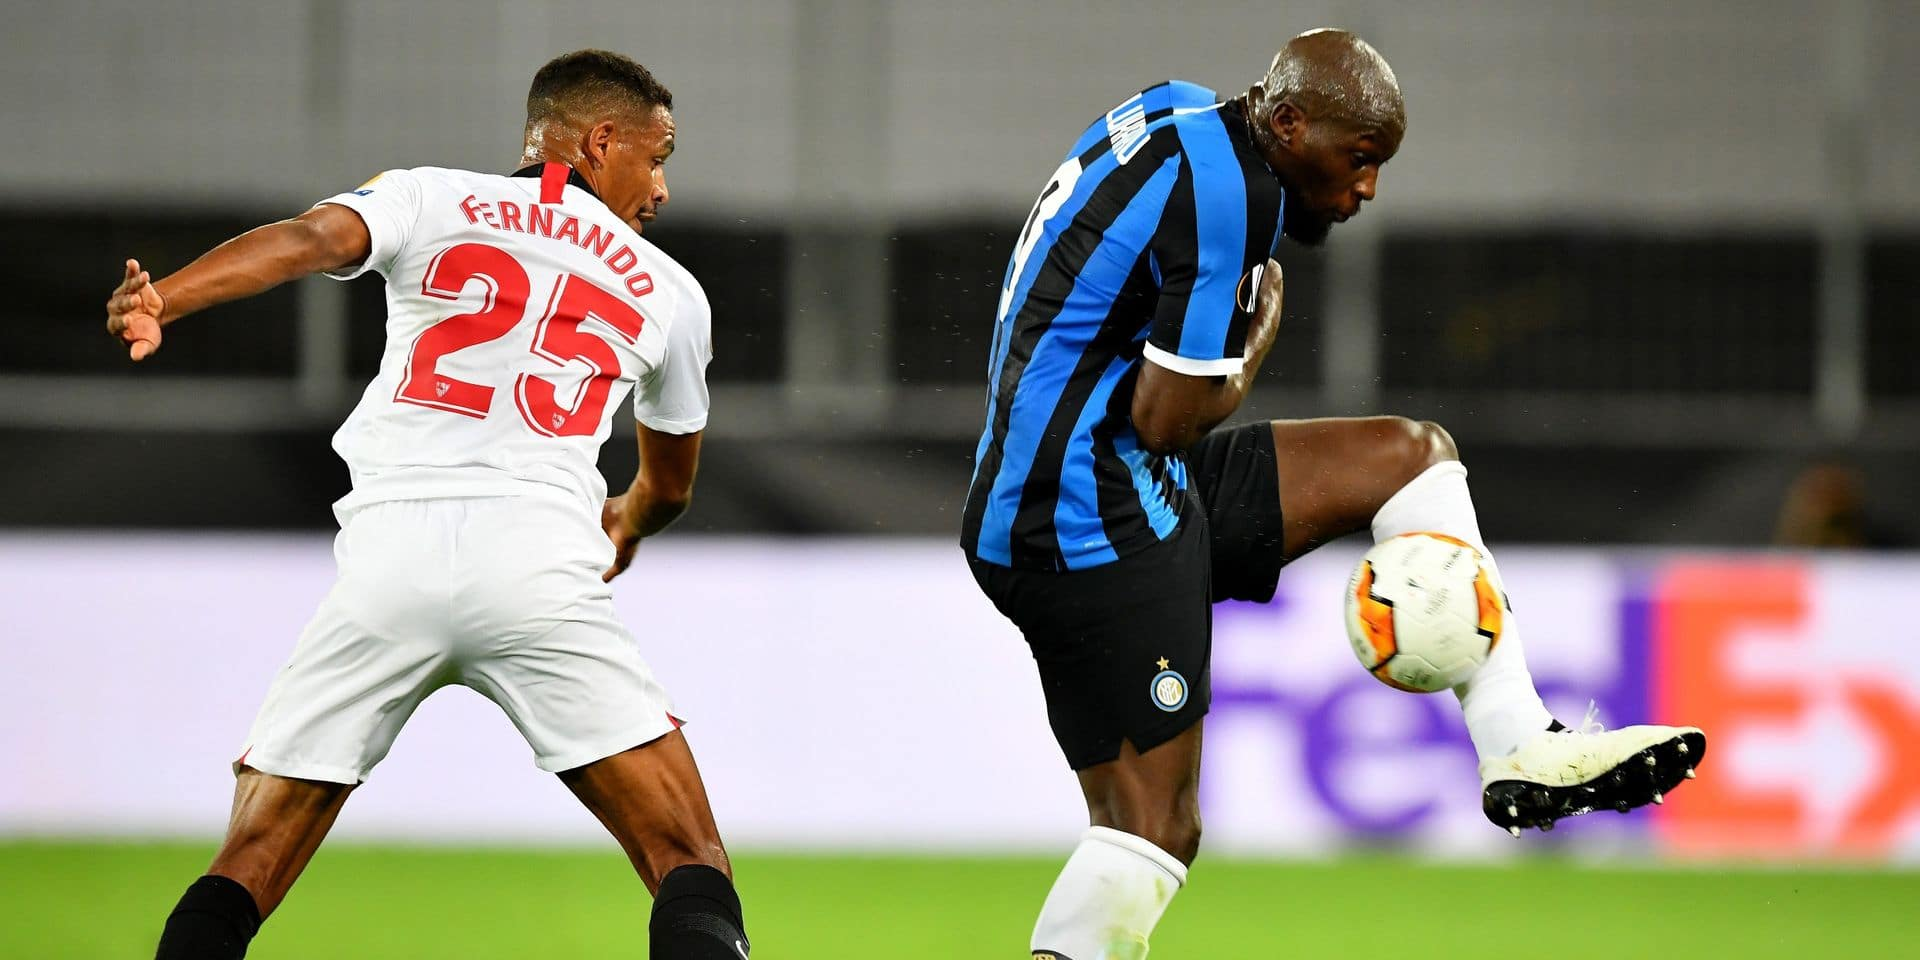 """Romelu Lukaku réagit après la défaite de l'Inter: """"Cette finale m'énerve mais cette expérience va me rendre plus fort"""""""